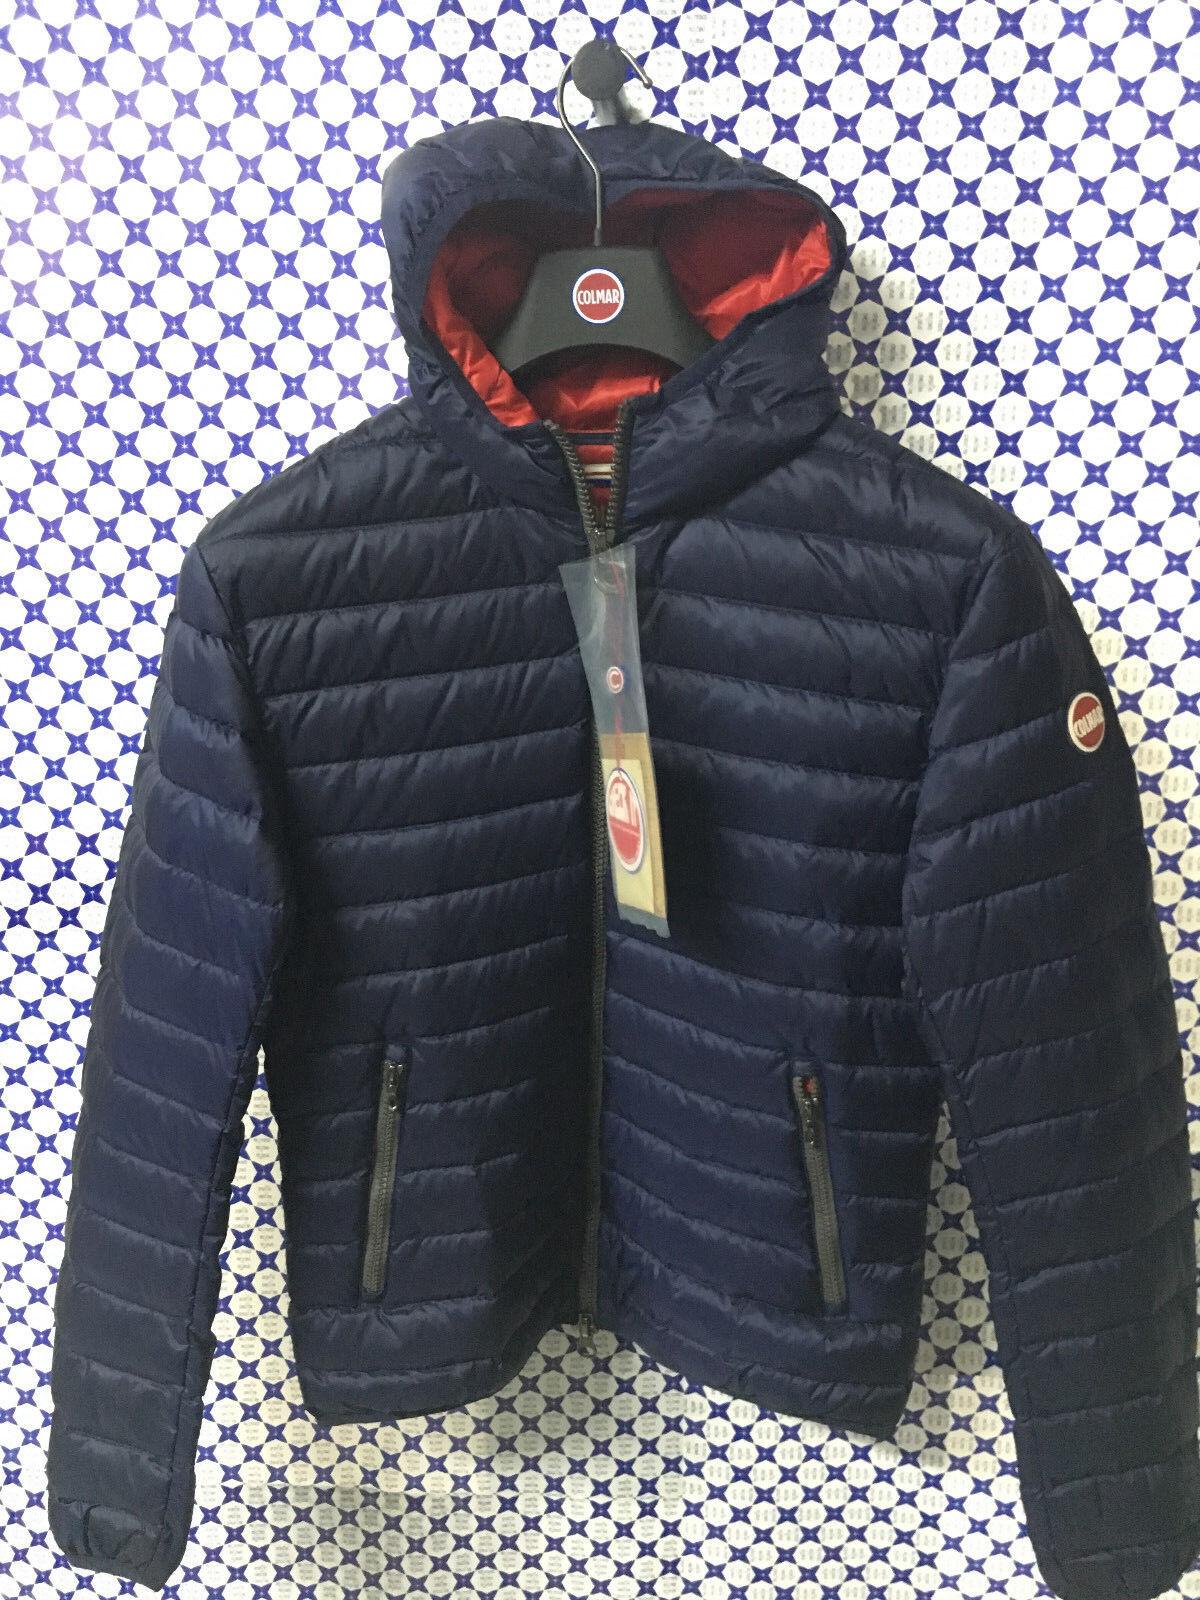 Piumino Bomber Colmar  Herren - 100 grammi Trapuntato Punk - Blu Rosso - 1277